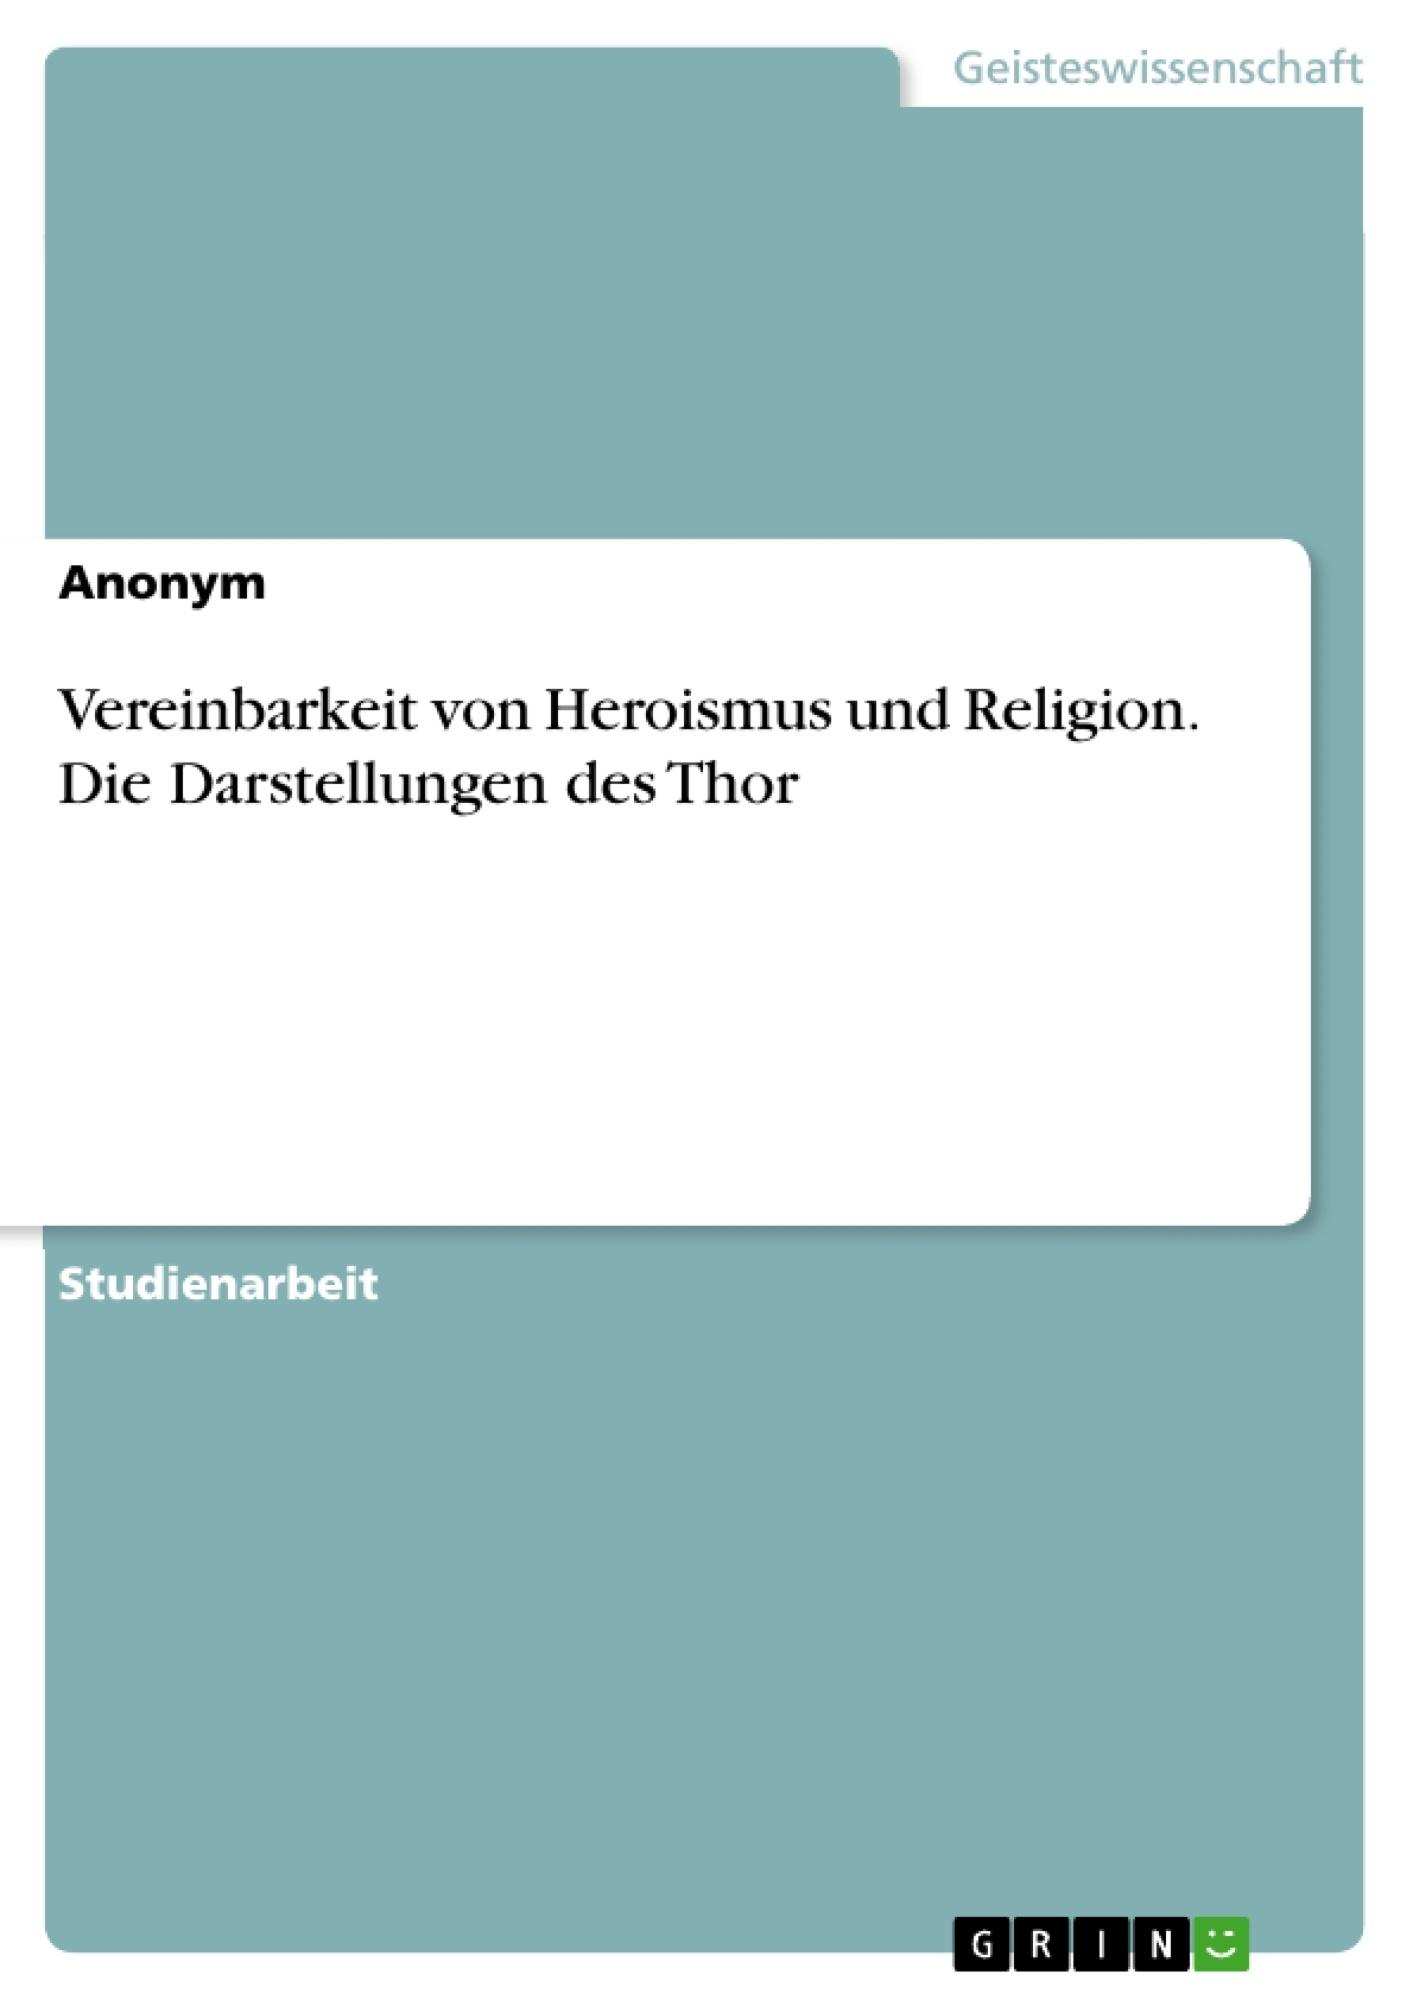 Titel: Vereinbarkeit von Heroismus und Religion. Die Darstellungen des Thor